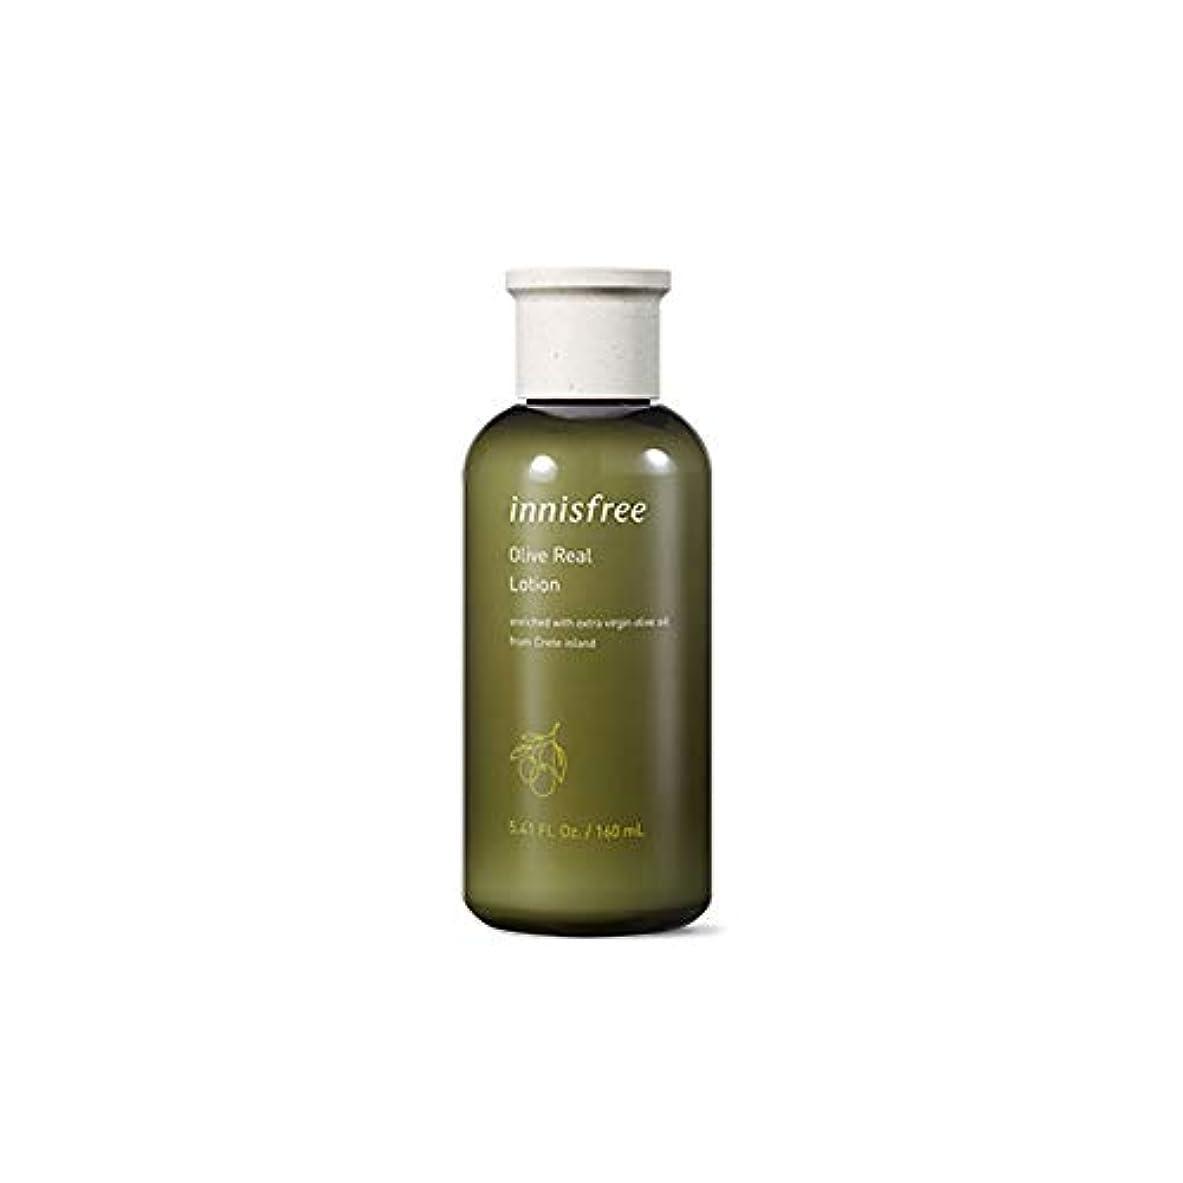 救援収穫発疹NEW[イニスフリー] Innisfree オリーブリアルローション乳液EX(160ml) Innisfree Olive Real Lotion(160ml)EX [海外直送品]